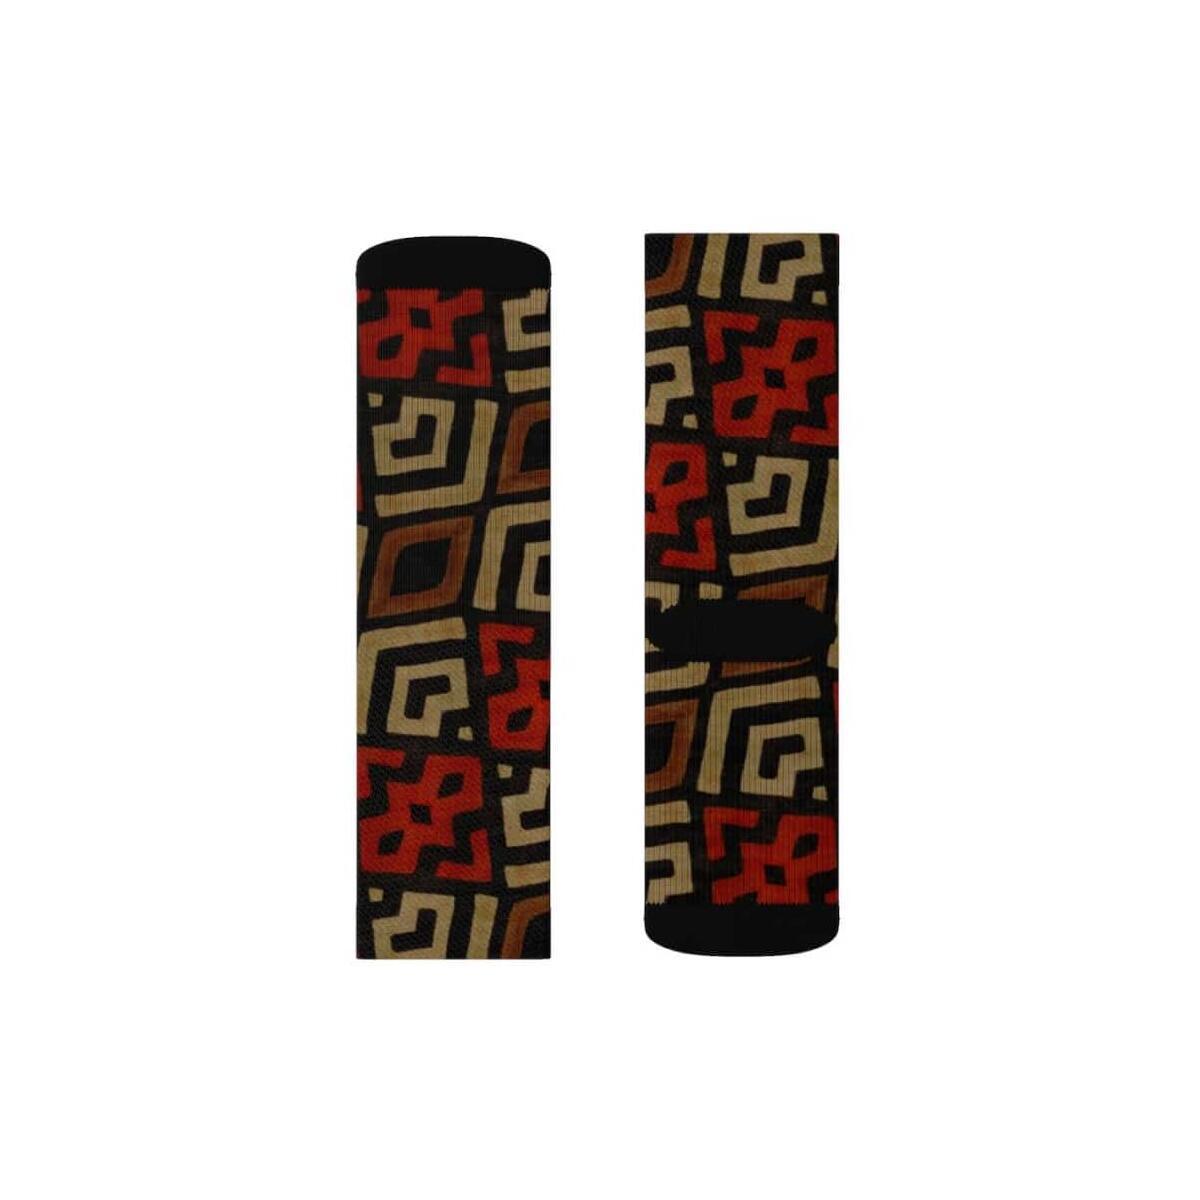 Bogolan Mystic Red Sublimation Socks, L